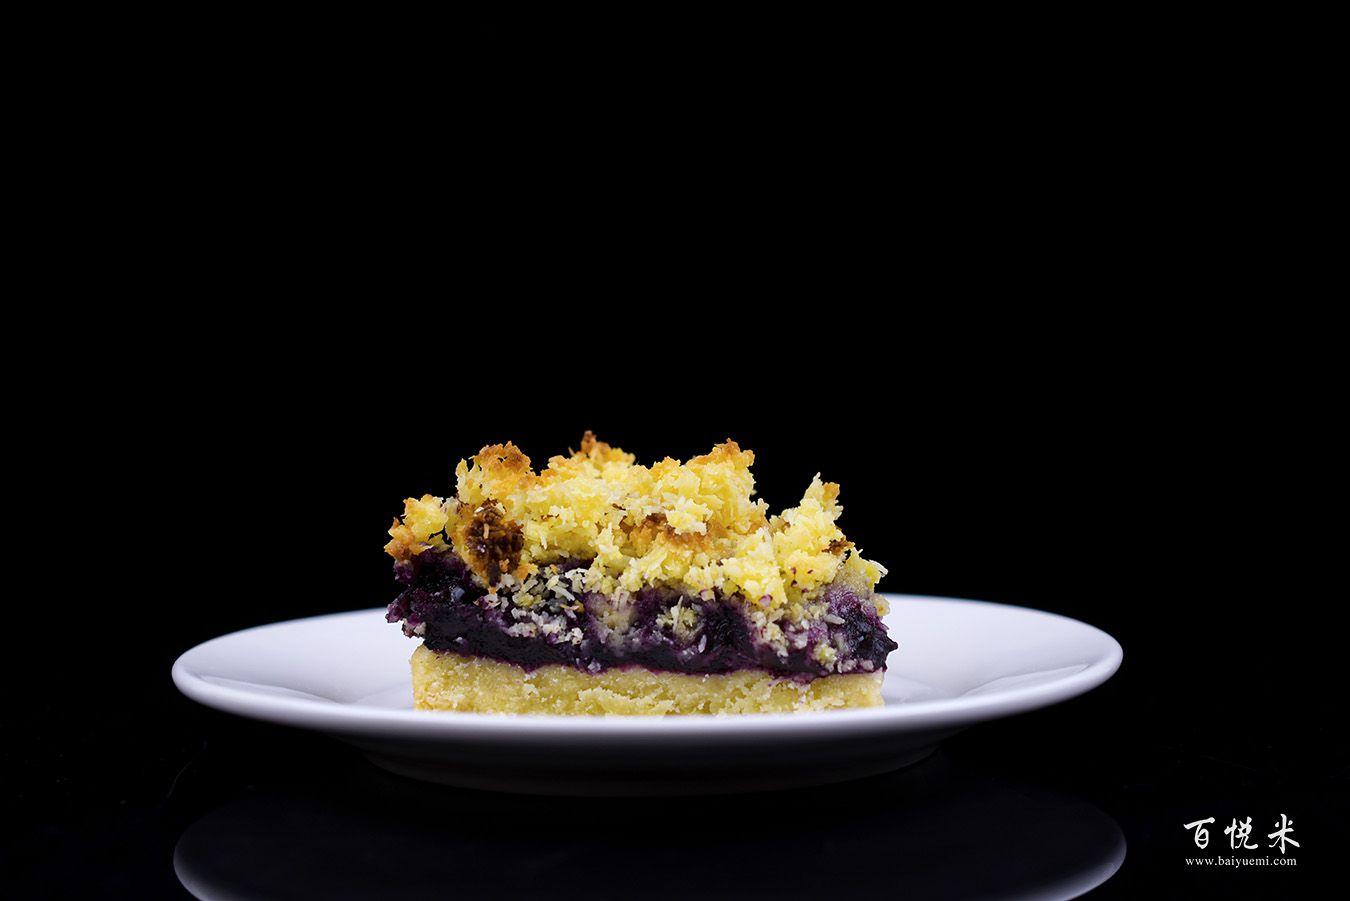 蓝莓酥粒小方块高清图片大全【蛋糕图片】